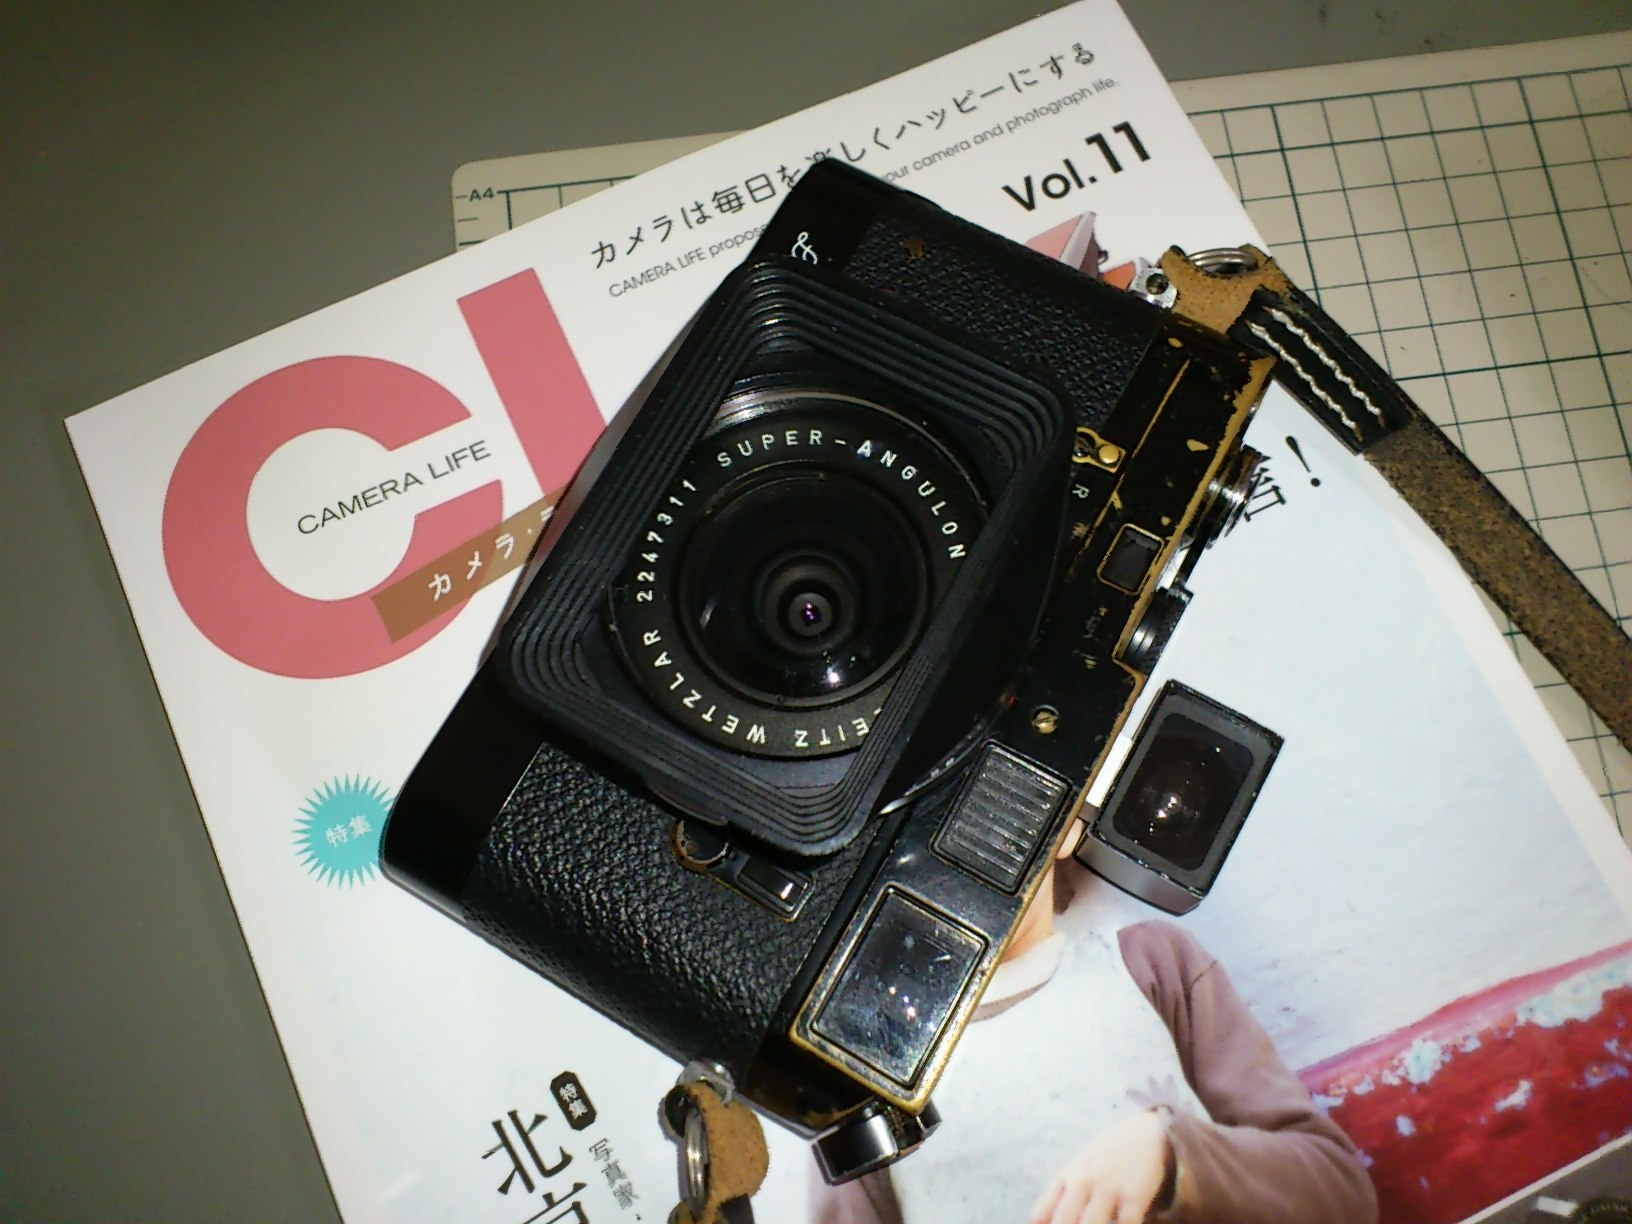 Leica:CAMERA LIFE Vol.11